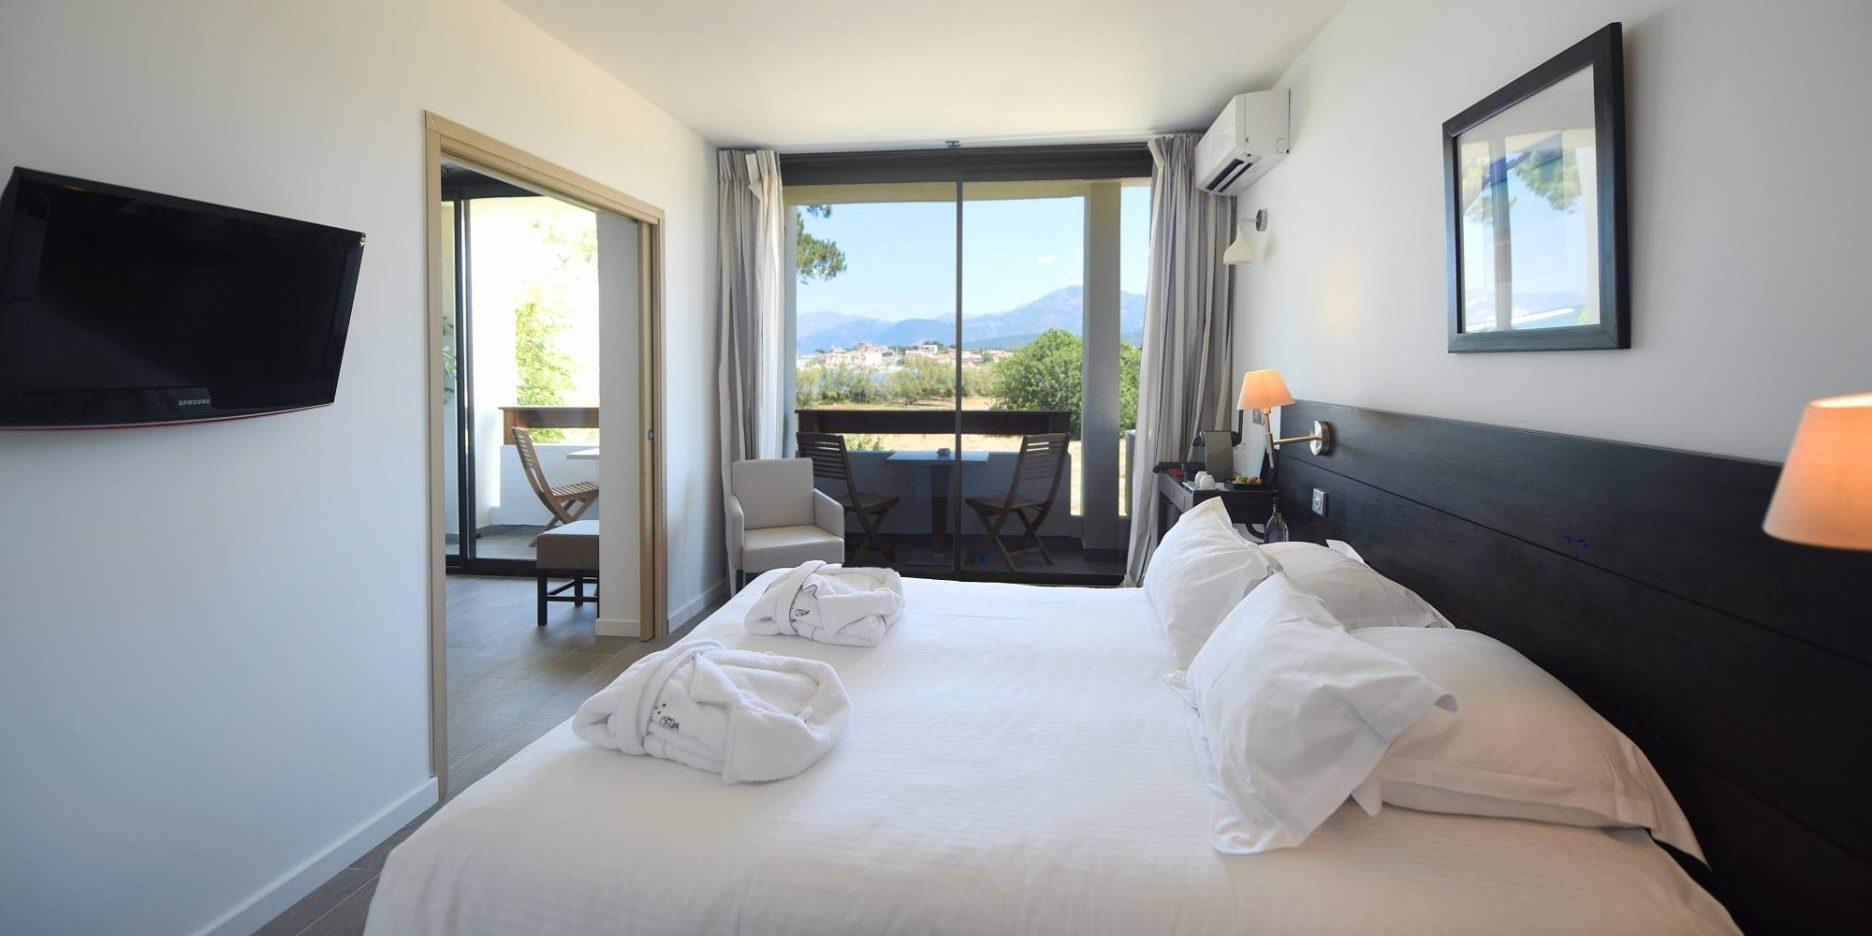 Hotel La Roya Saint-Florent Corsica Frankrijk suite-Anne-Sophie balkon bergzicht